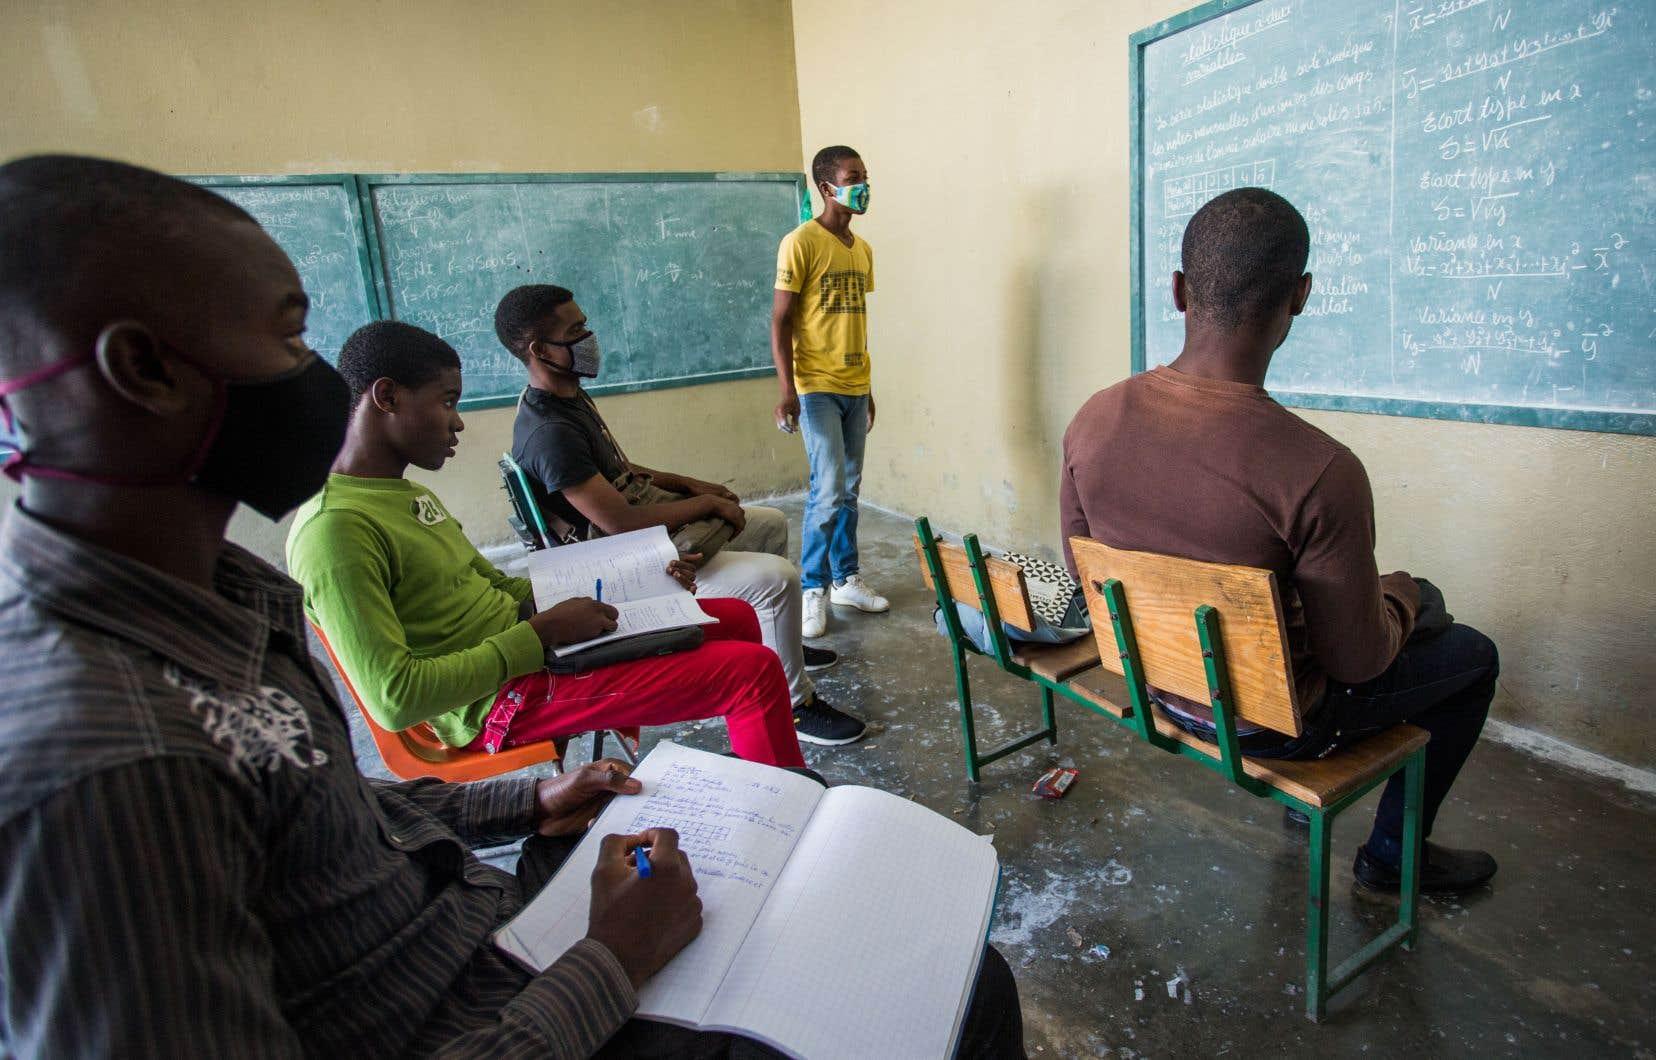 La pandémie exacerbe les défis et le manque d'infrastructures du système éducatif dans le pays.